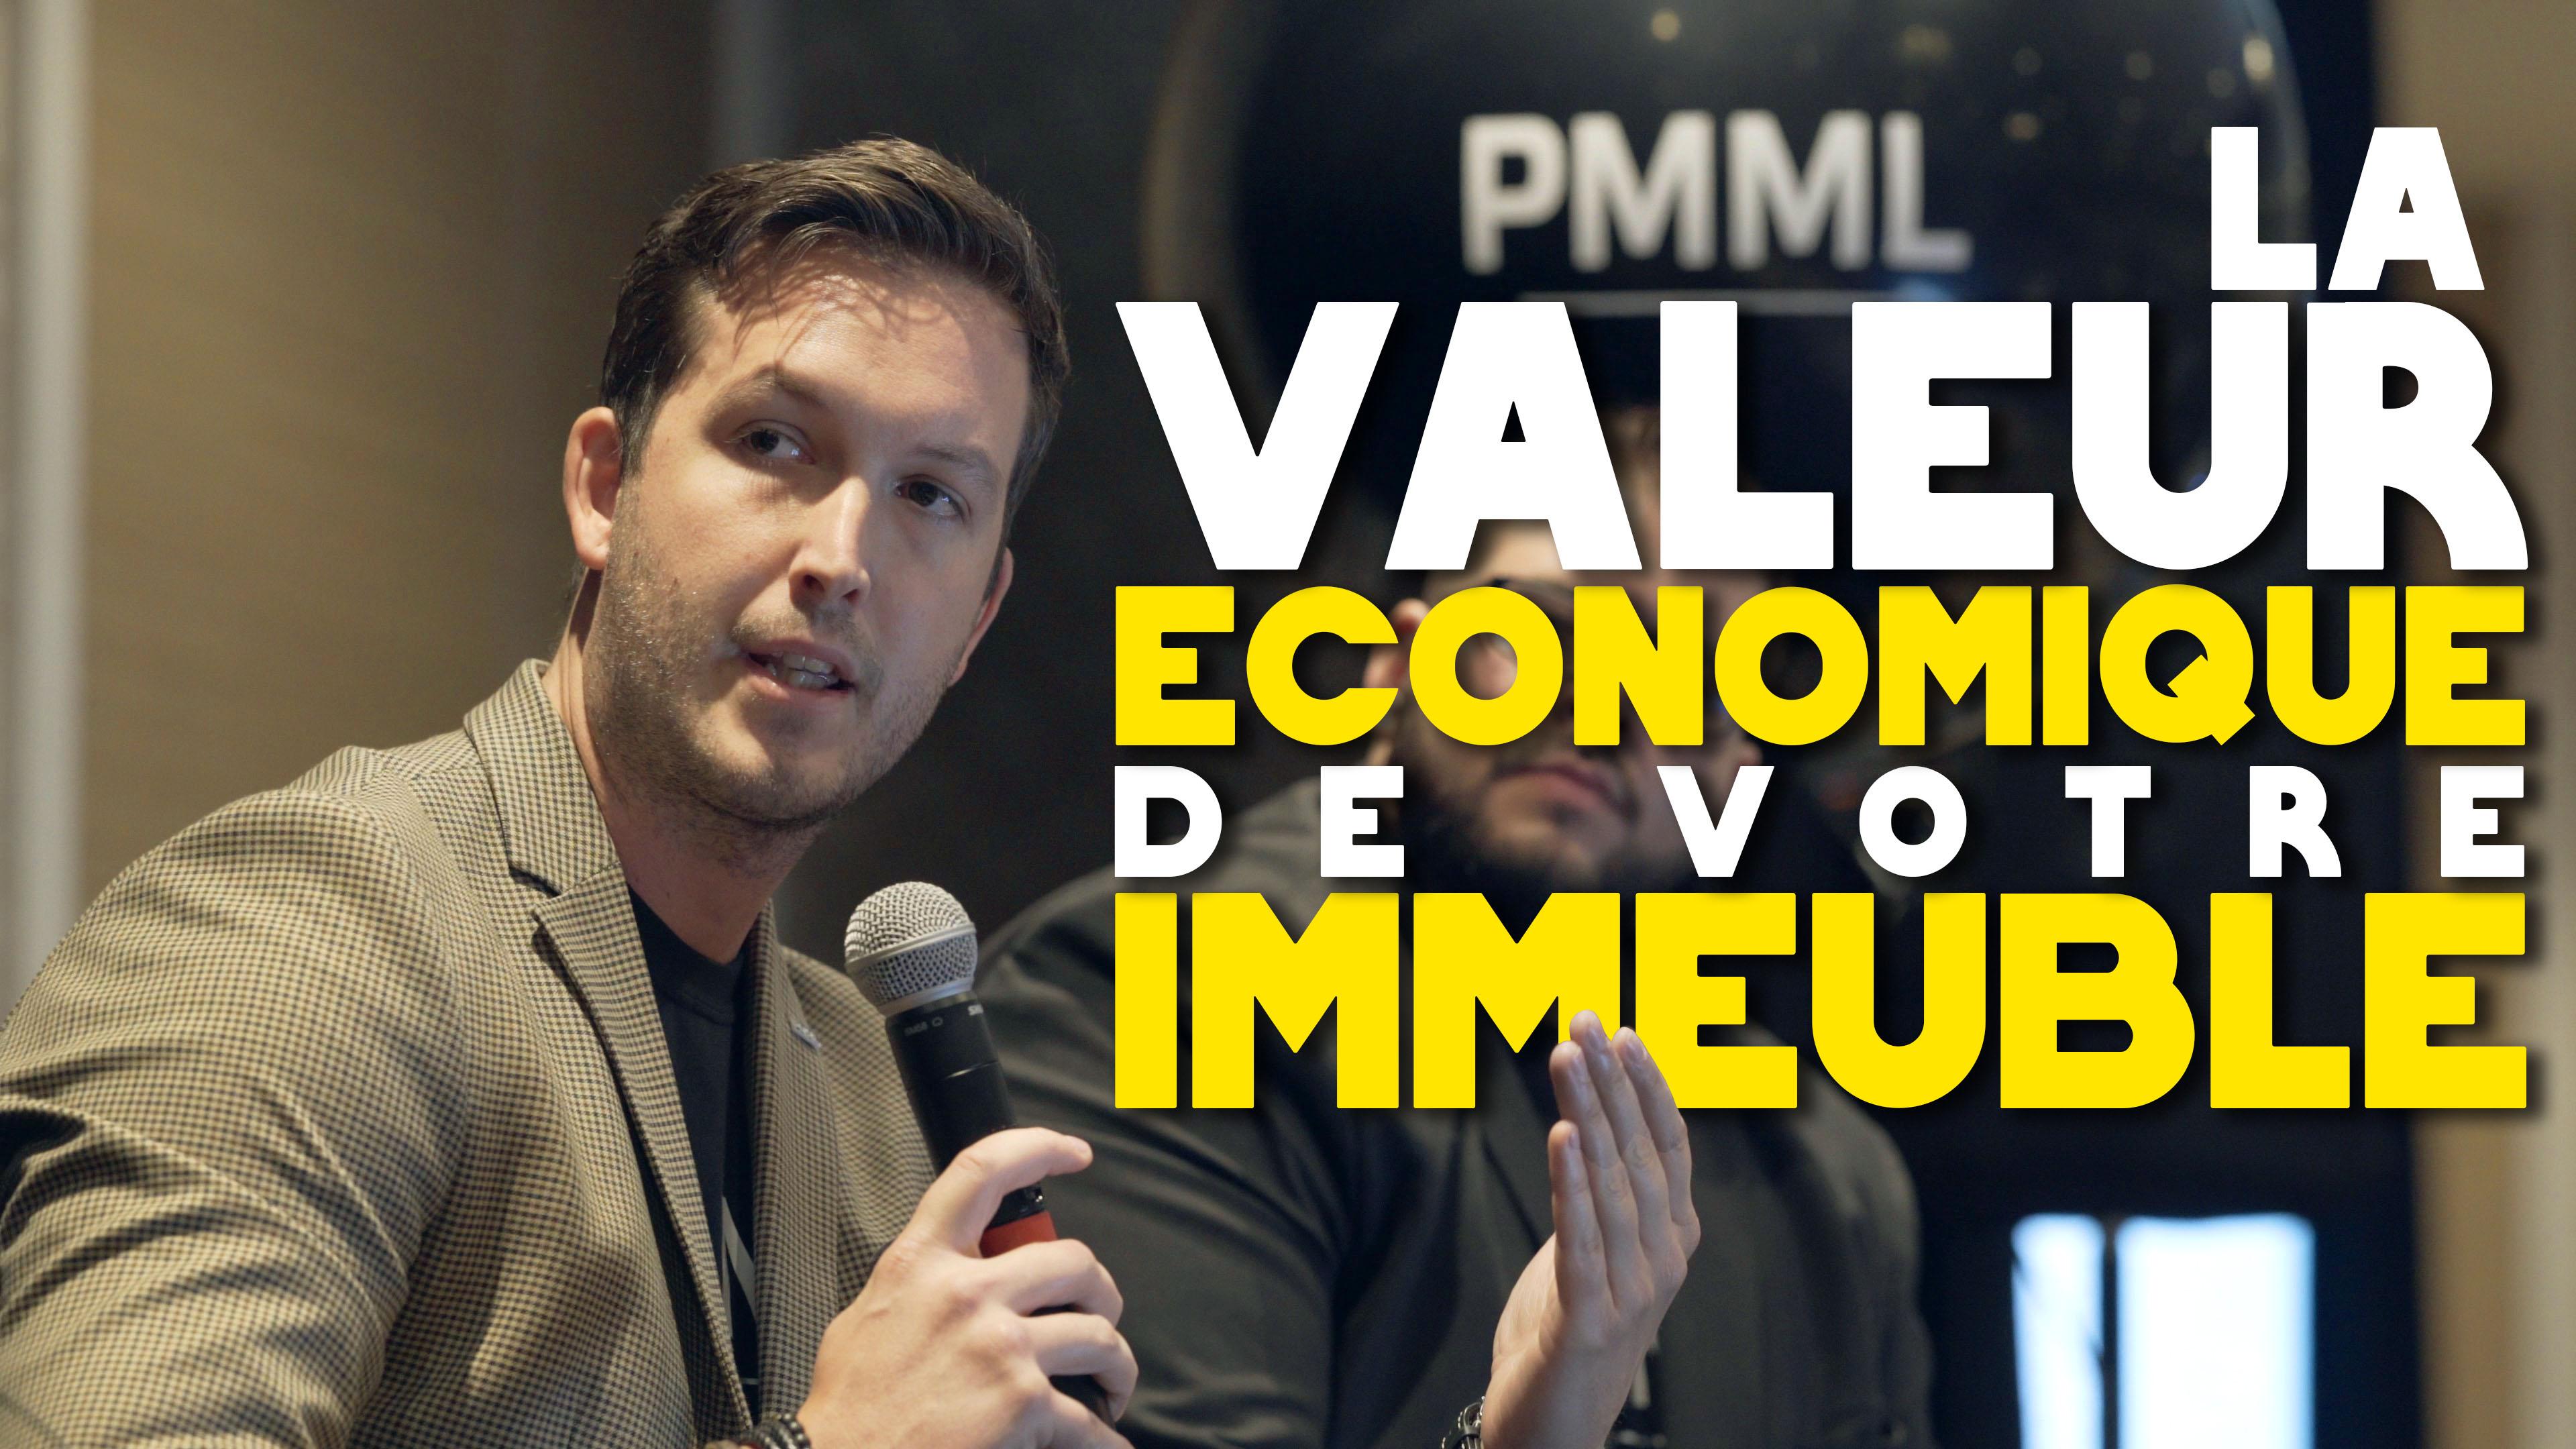 Valeur_economique_immeuble